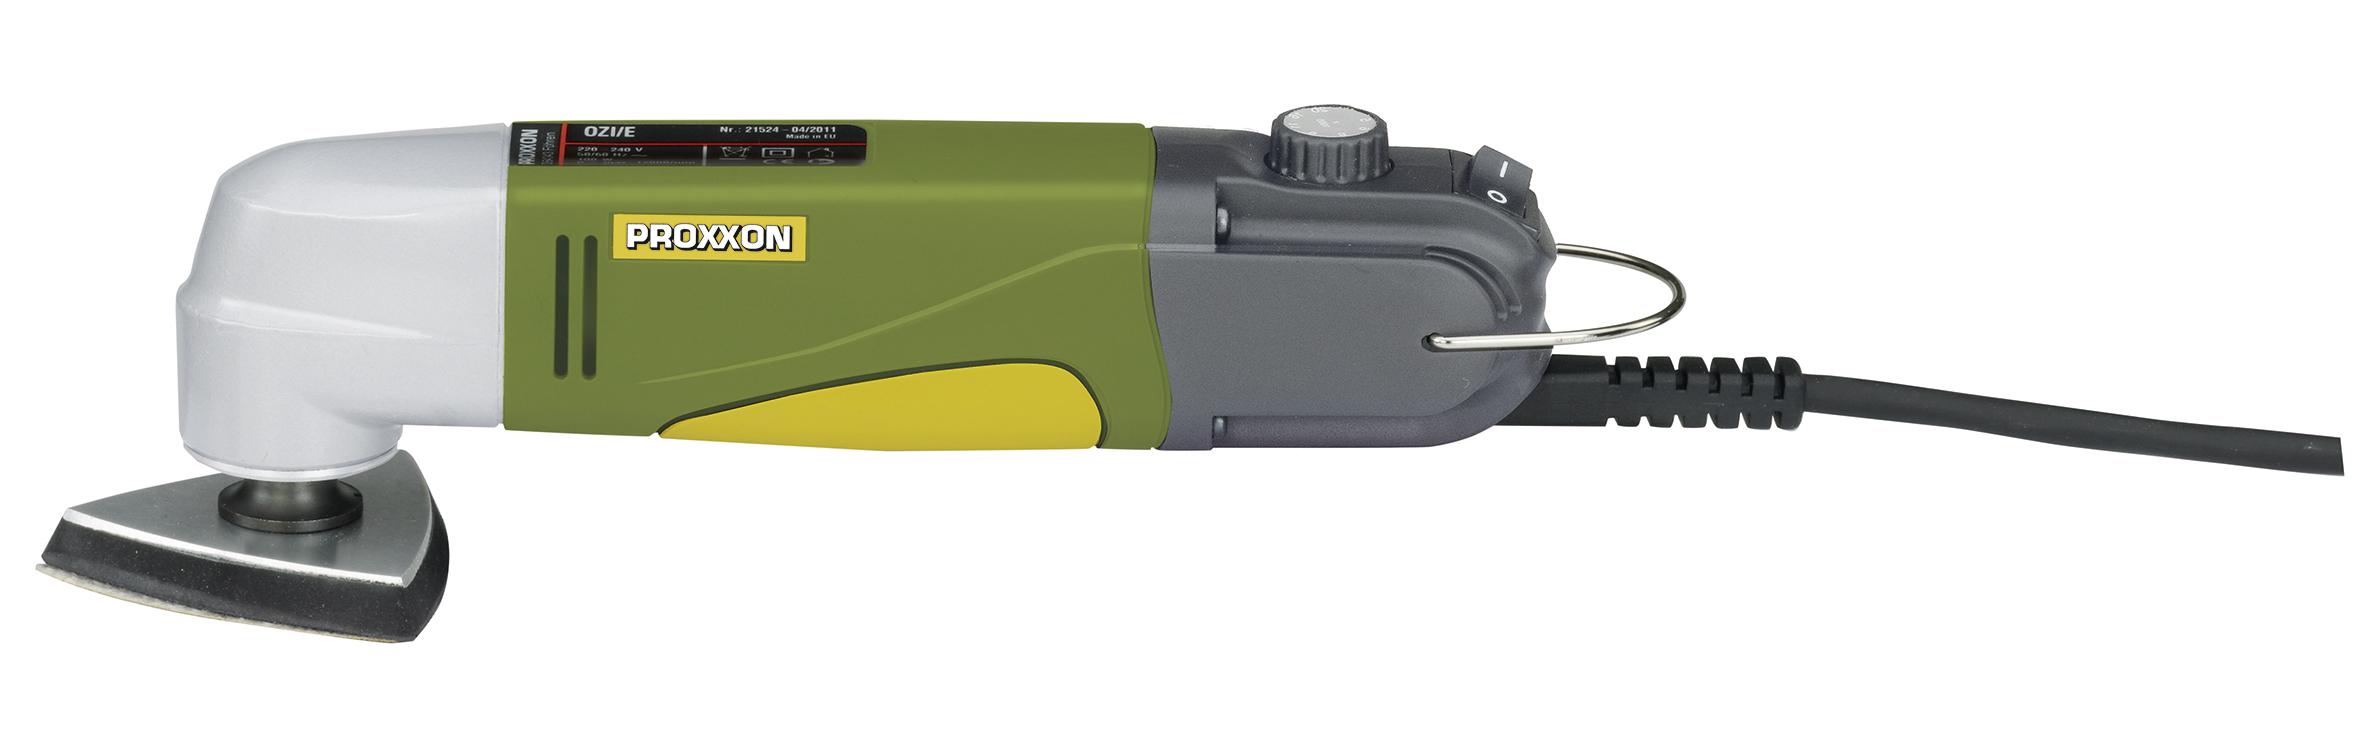 Proxxon Eckenschleifer OZI/E 28520